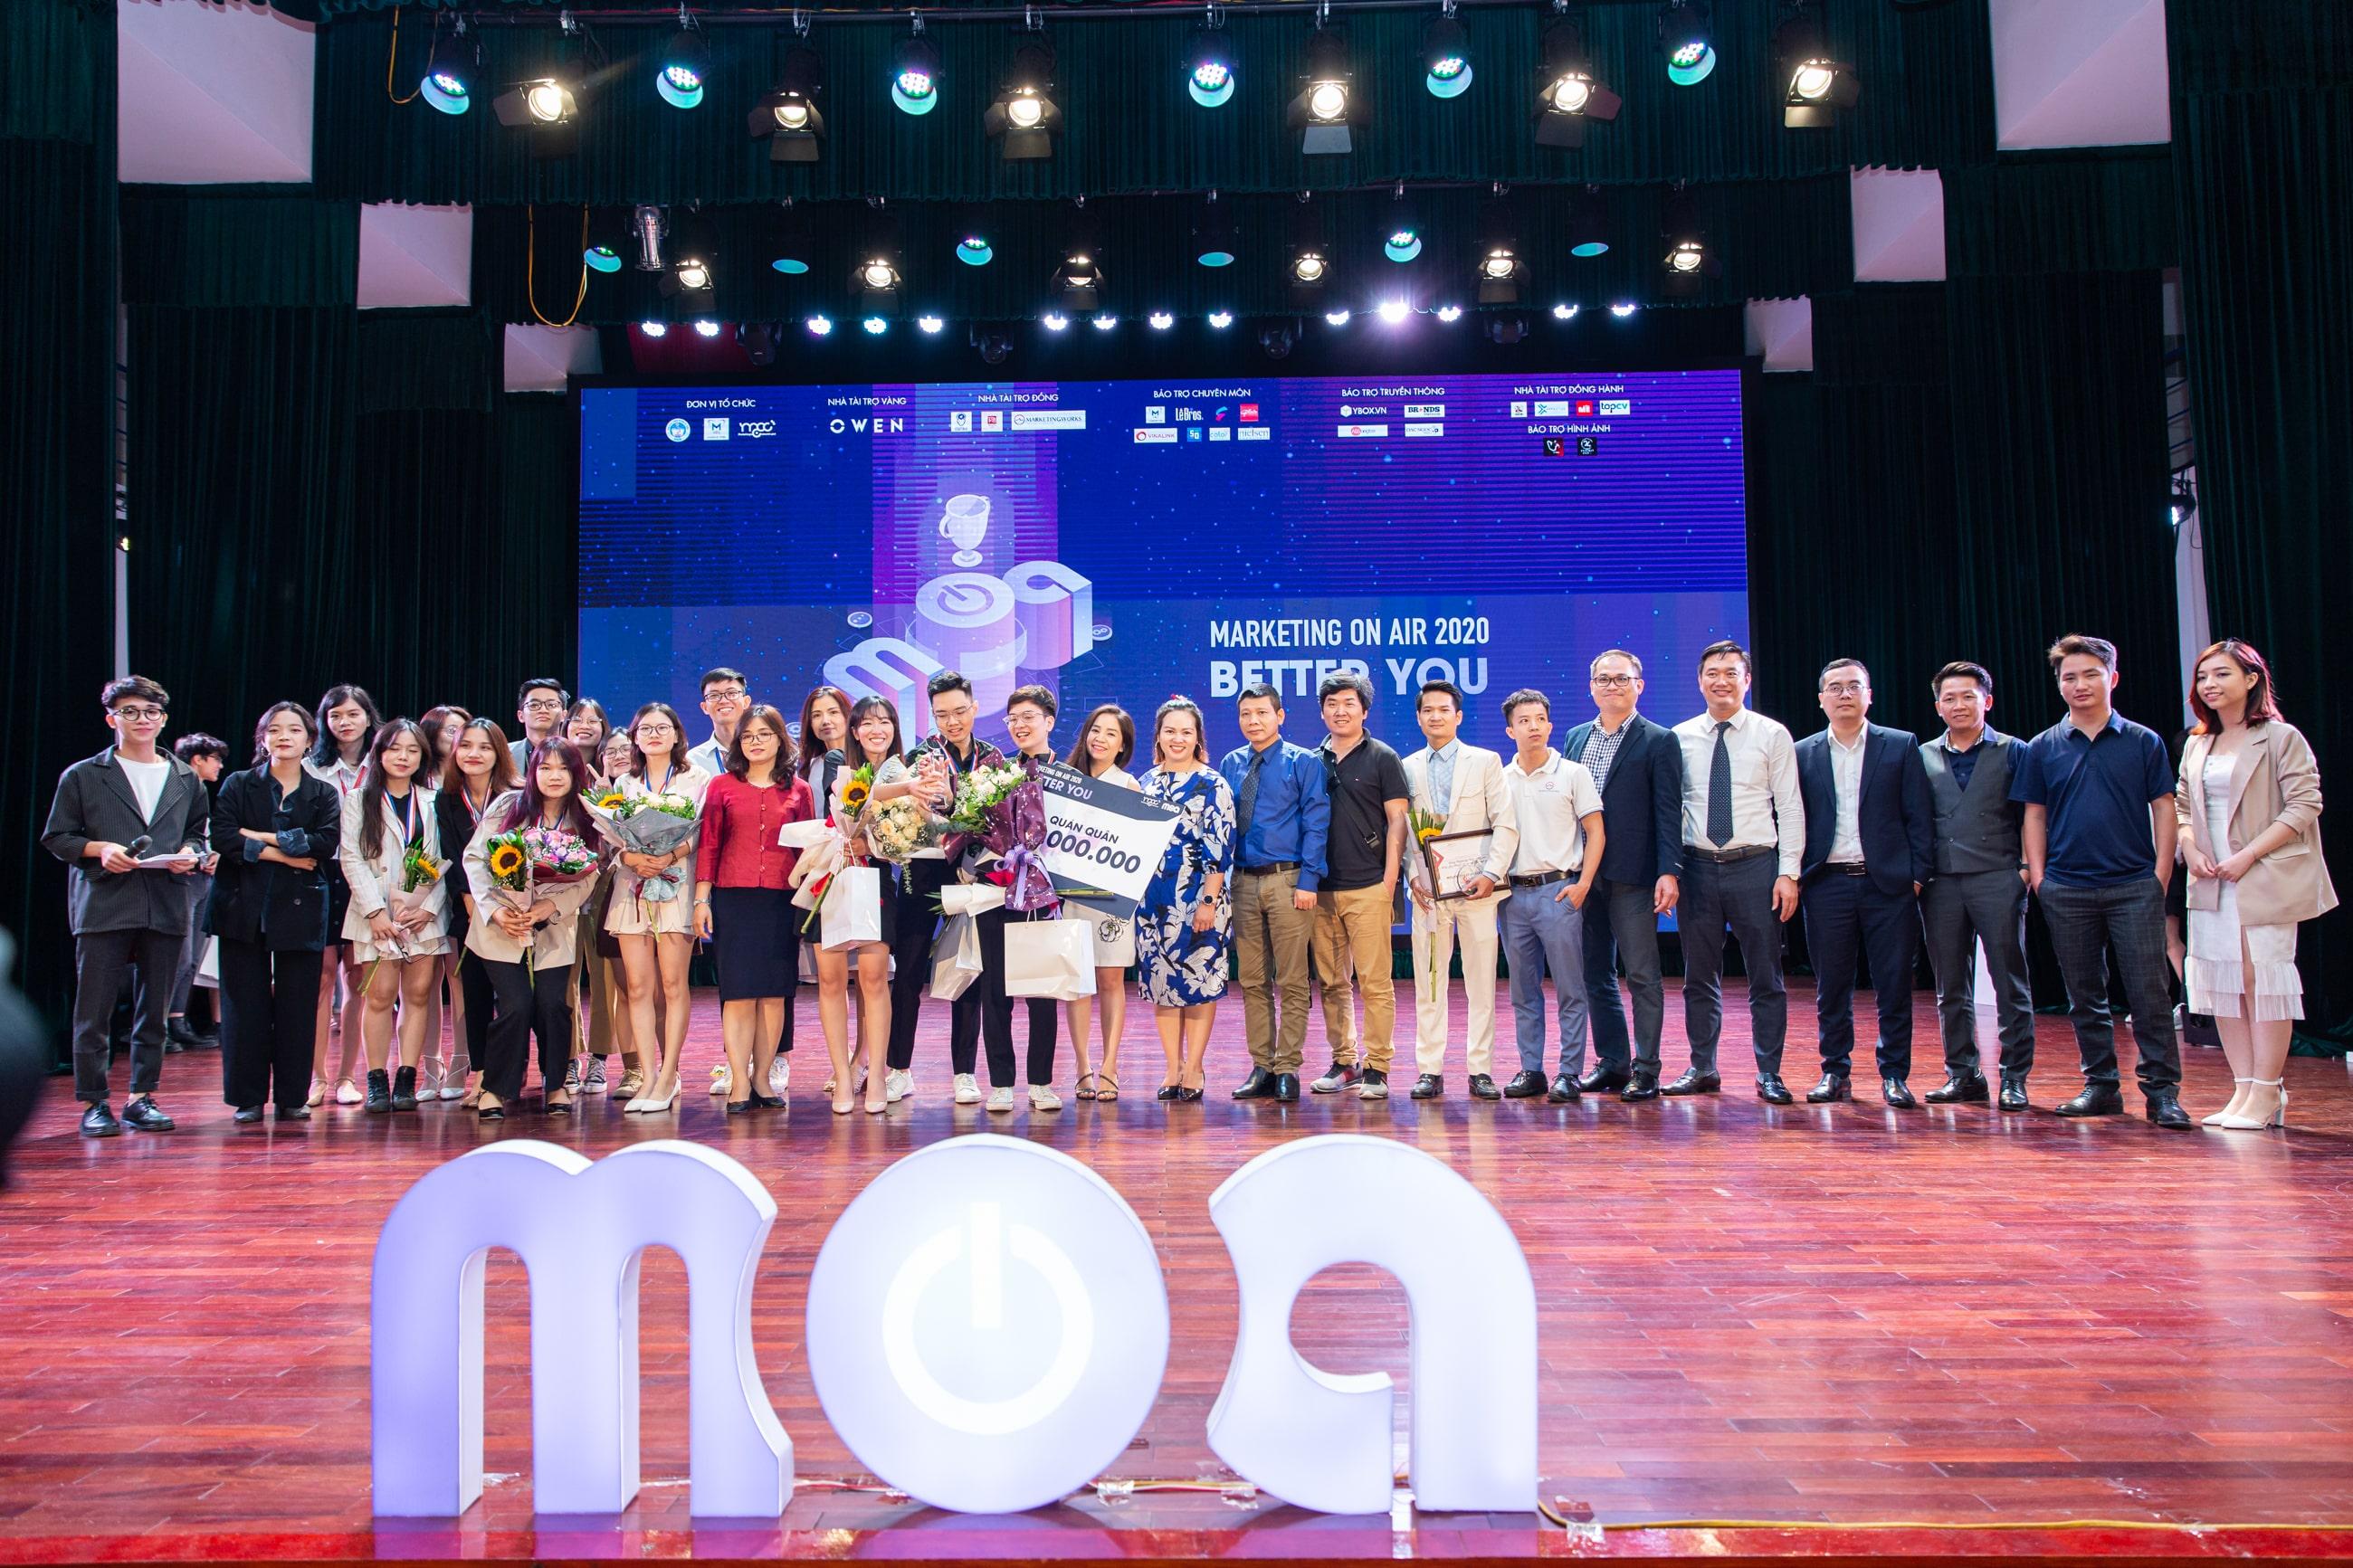 04 đội thi chung kết và nhà tài chợ cùng khách mời